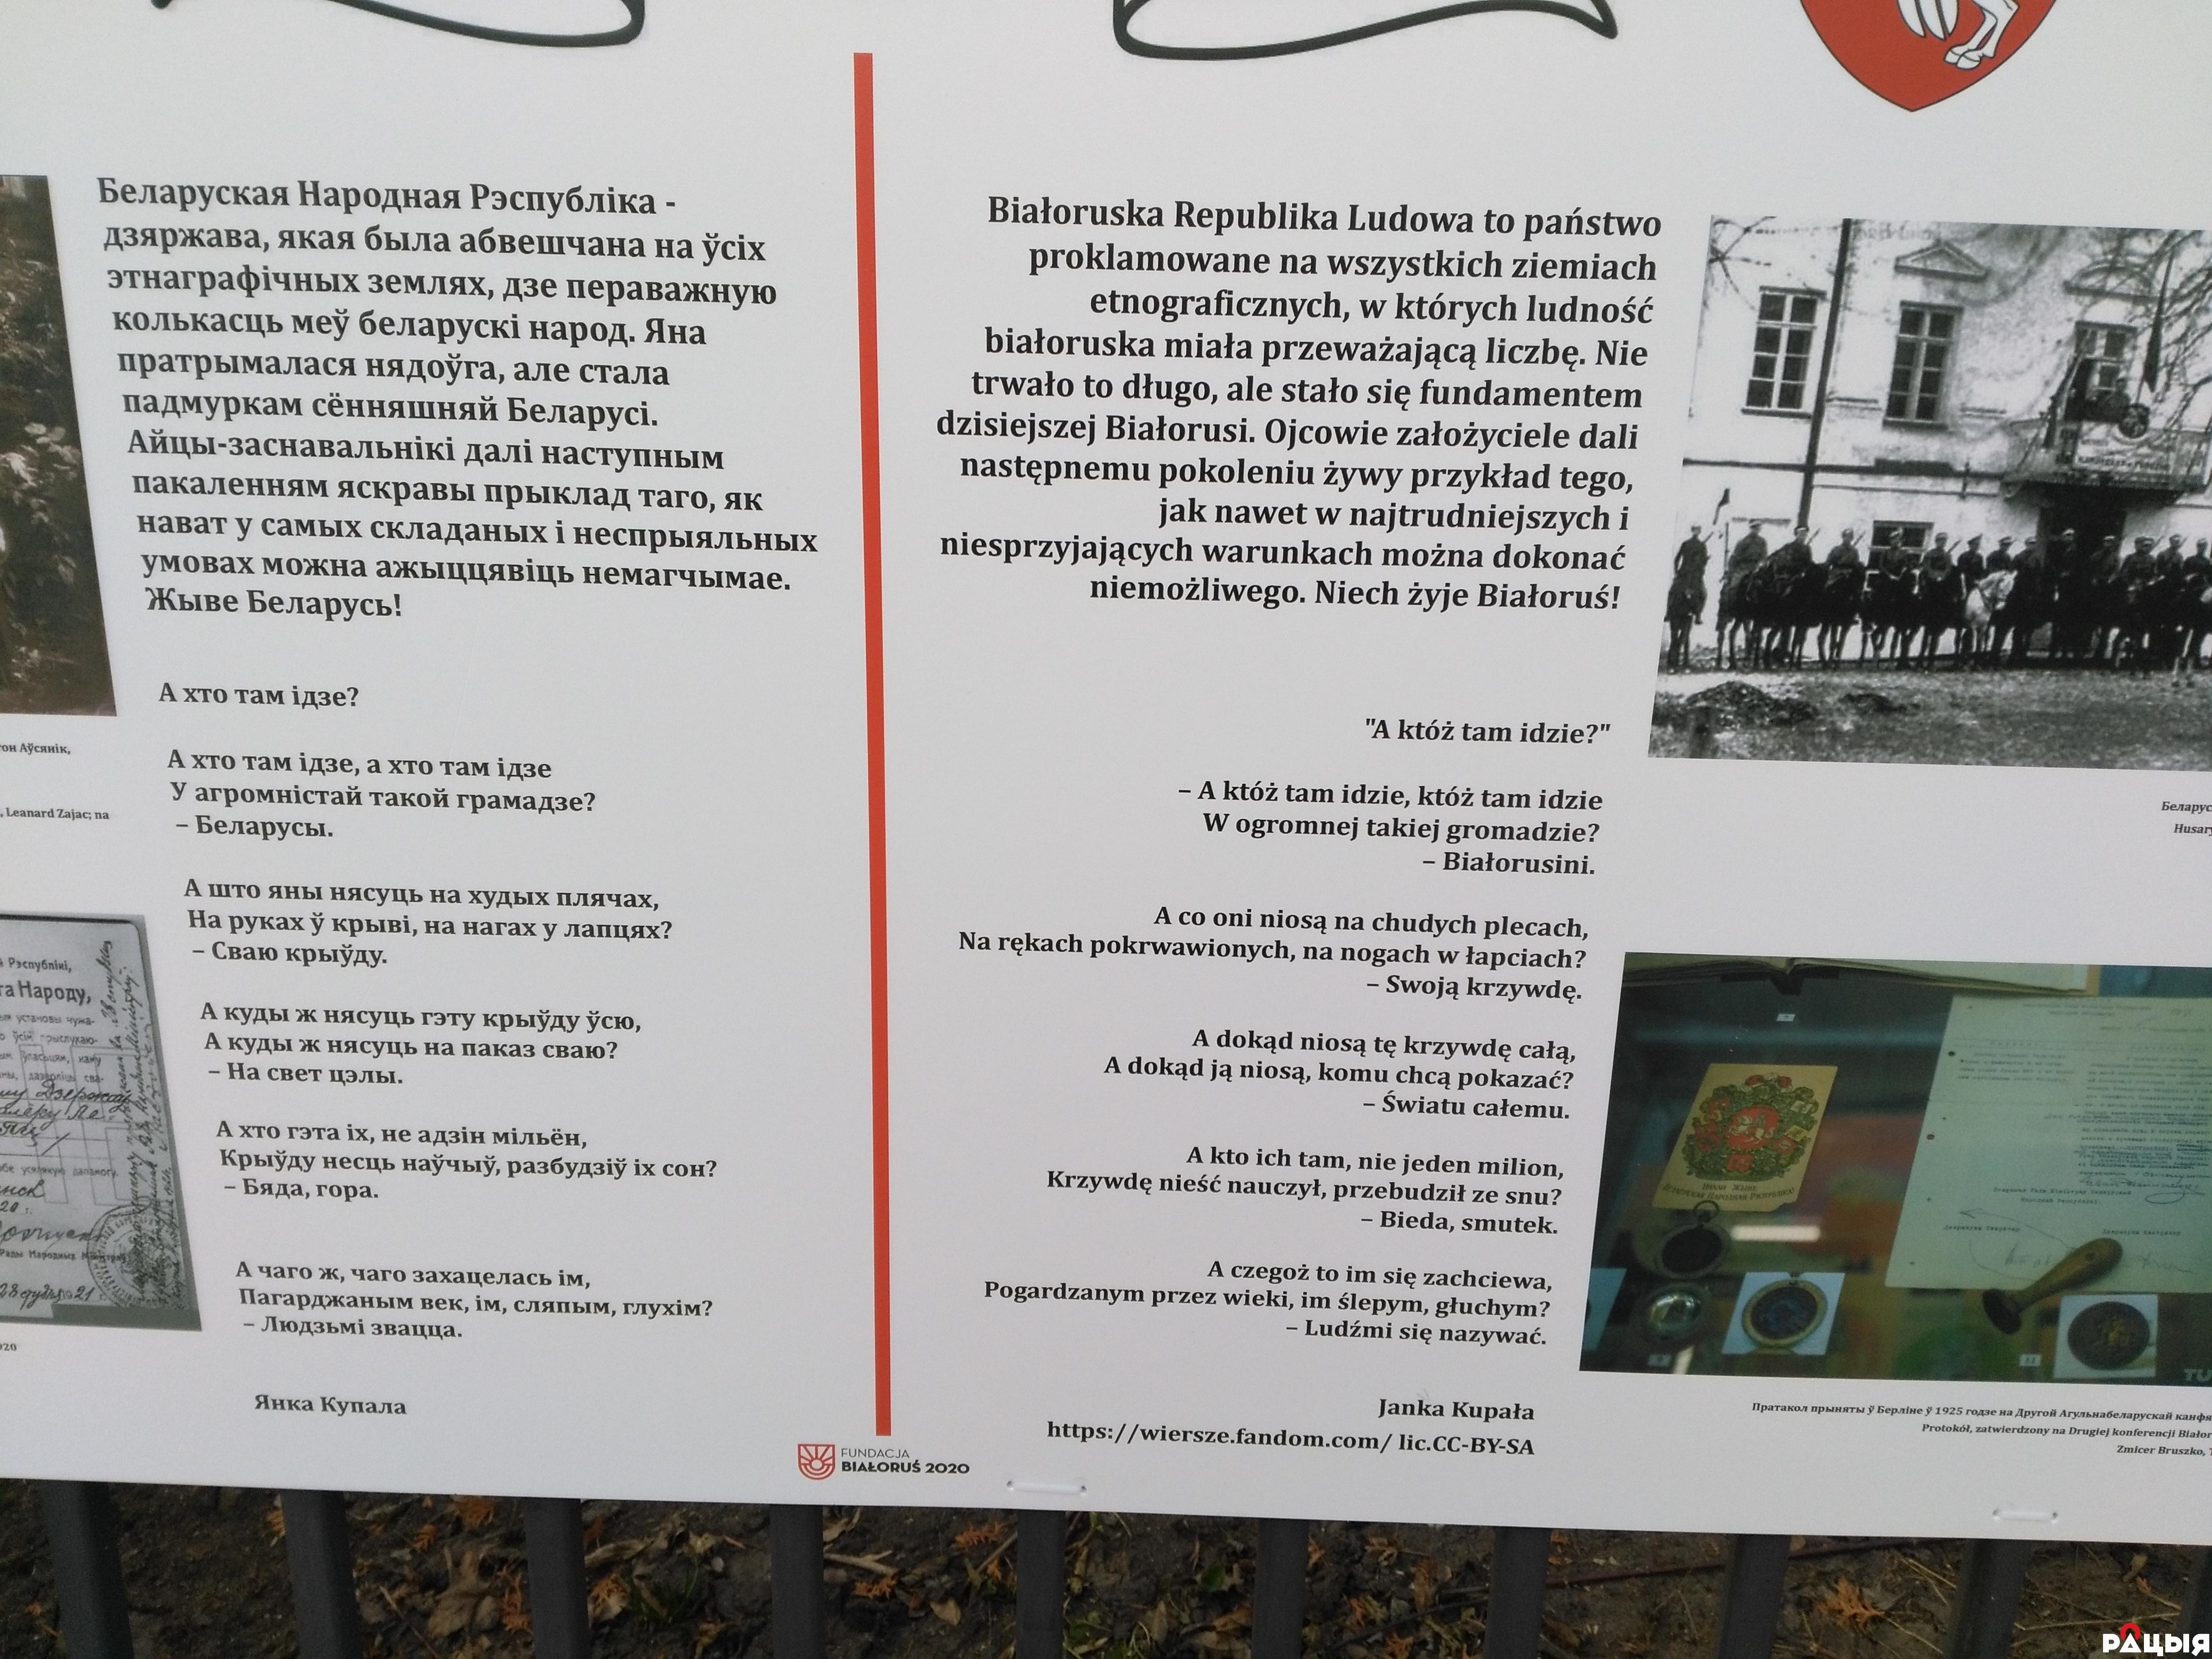 Насупраць беларускага консульства ў Беластоку з'явіліся плакаты БНР9